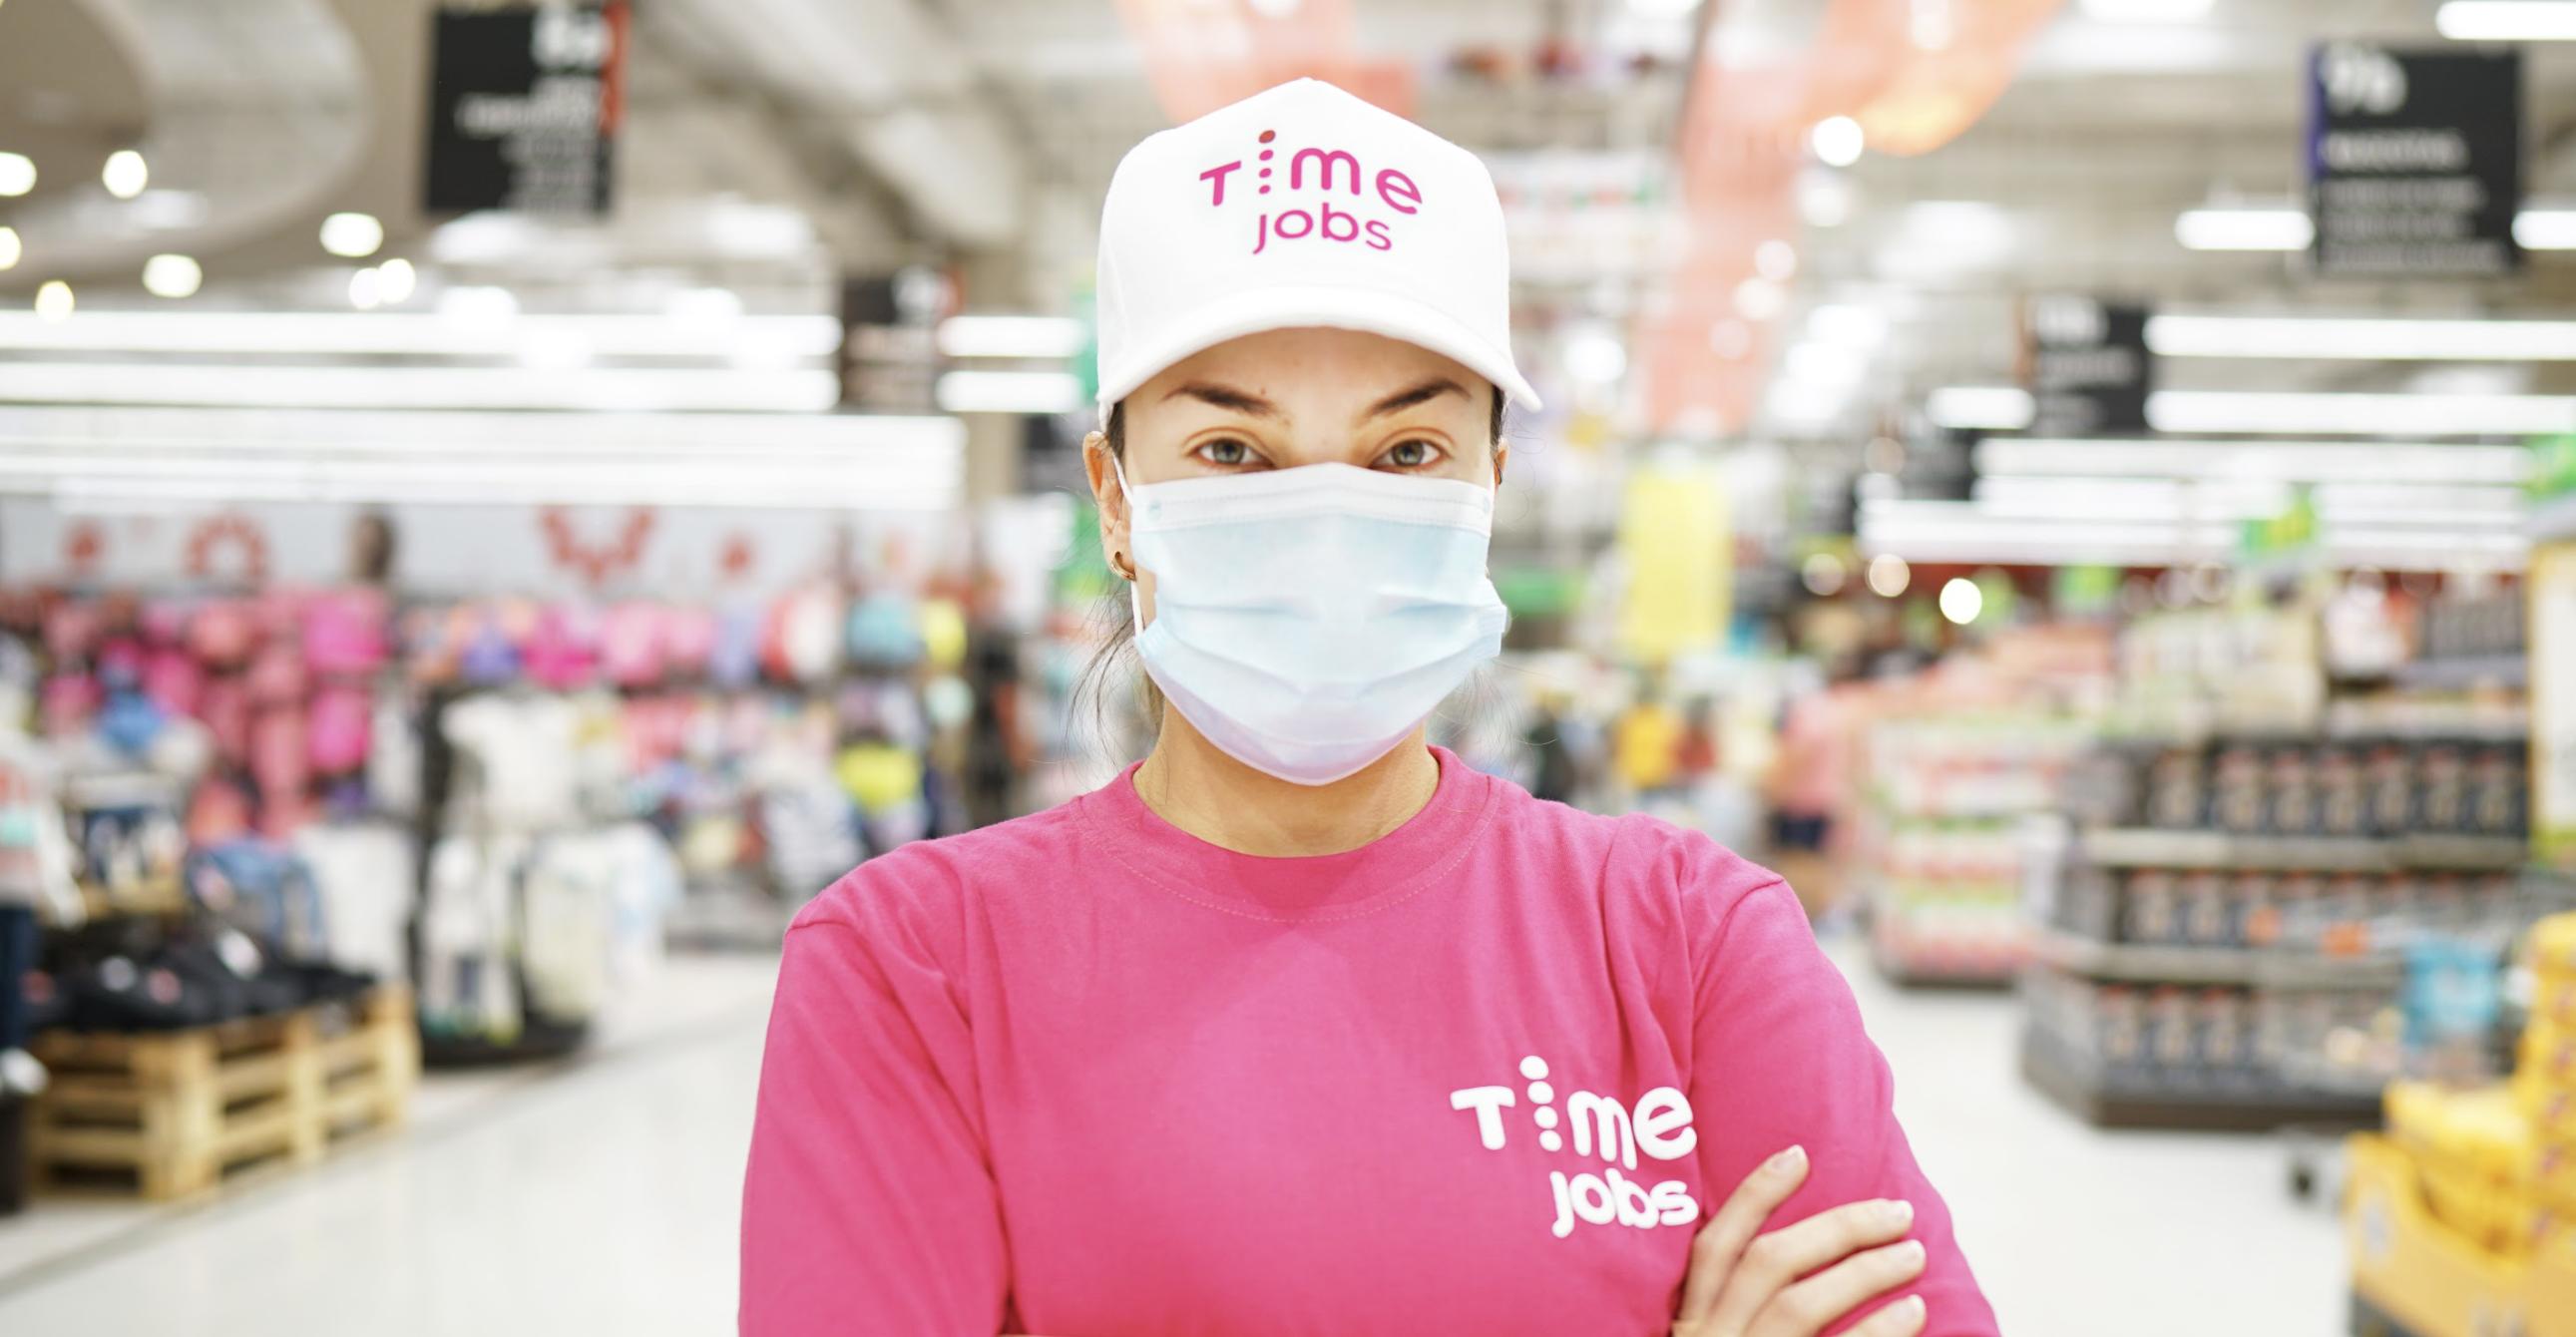 Timejobs.work irrumpe en el mercado latinoamericano